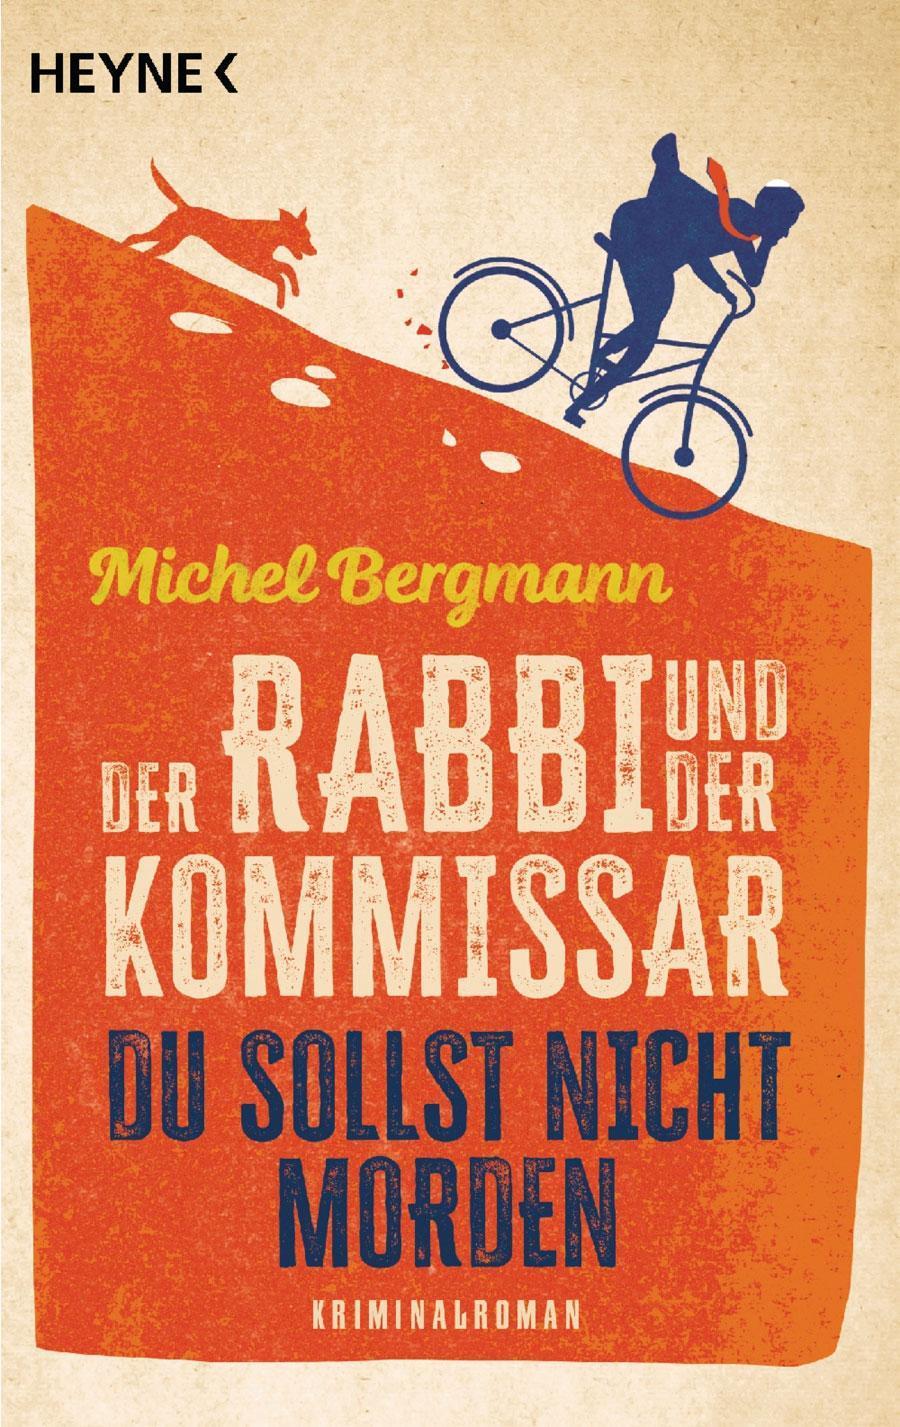 Michel Bergmann: Der Rabbi und der Kommissar - Du sollst nicht morden